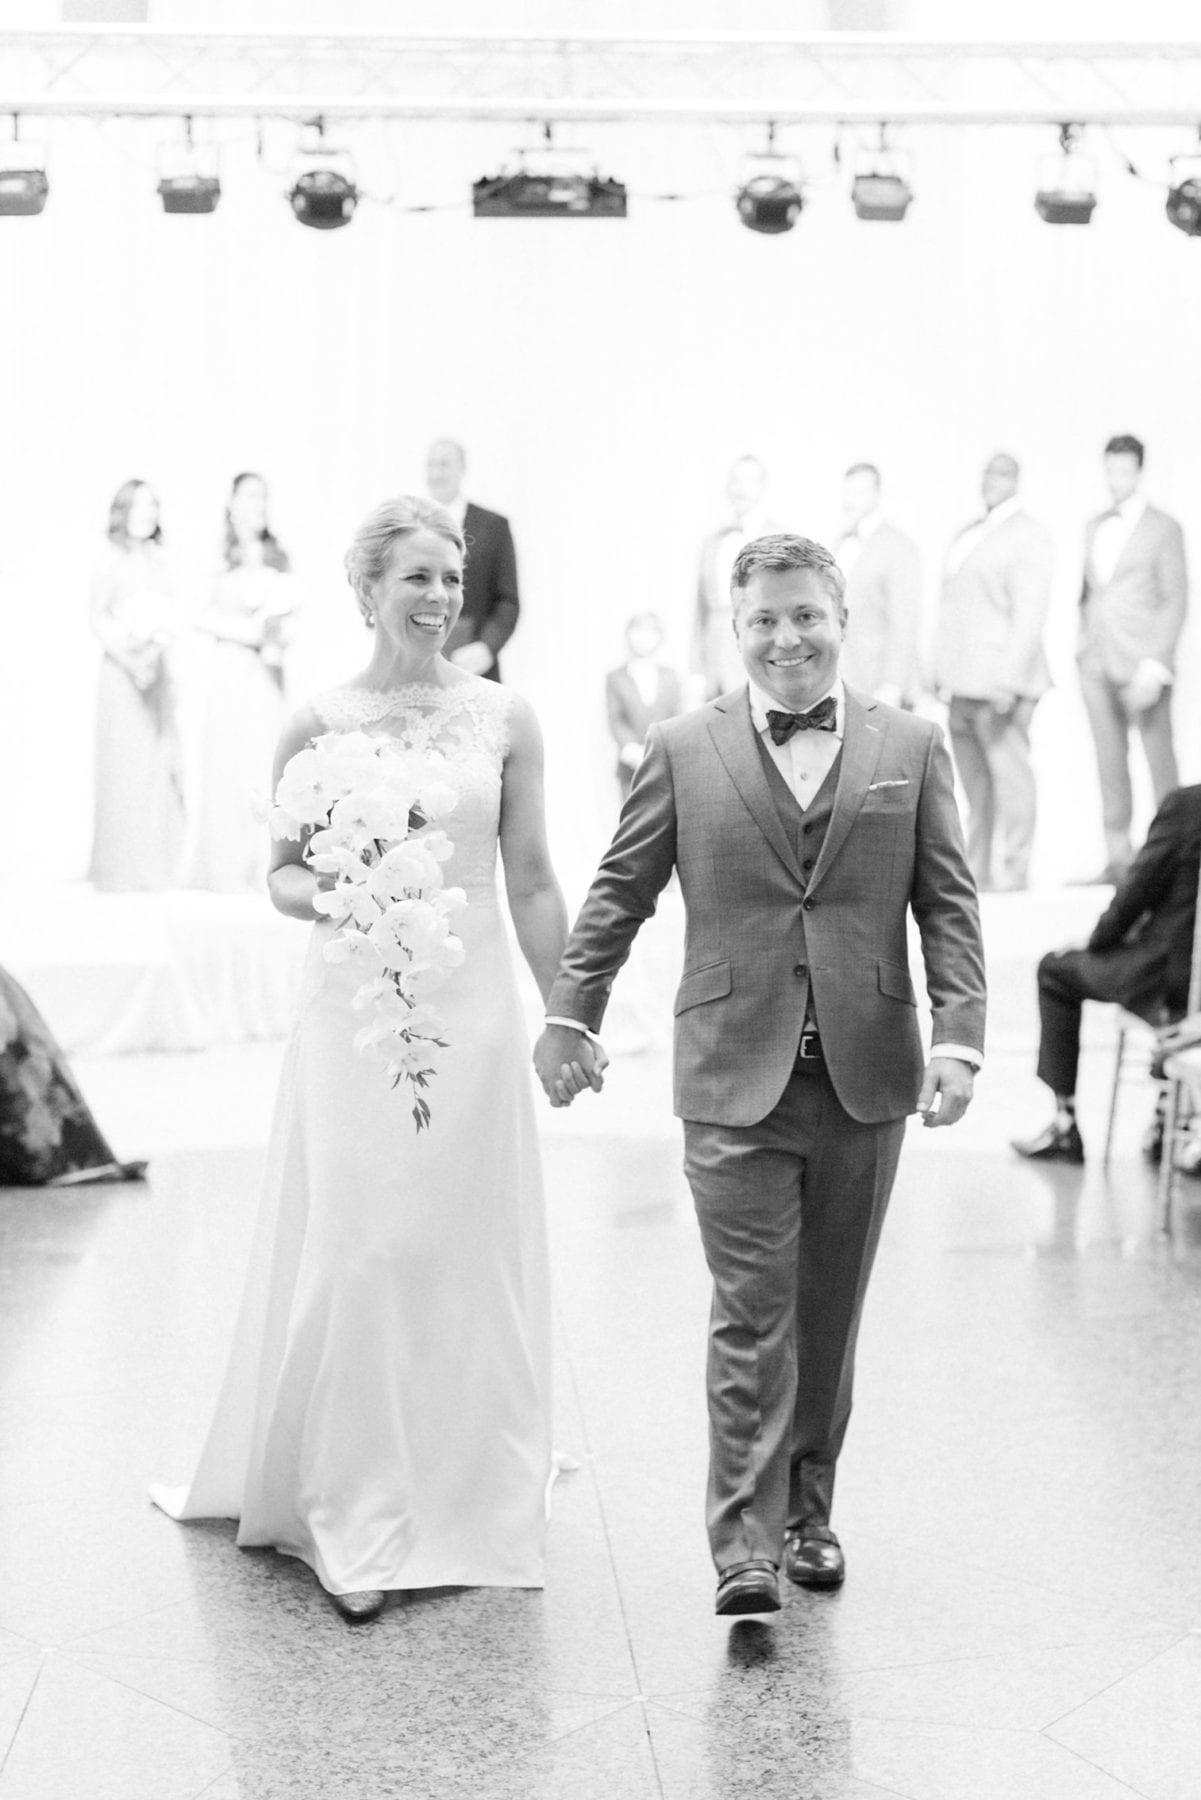 Ronald Reagan Building Wedding Washington DC Wedding Photographer Ashley & Brett-673.jpg